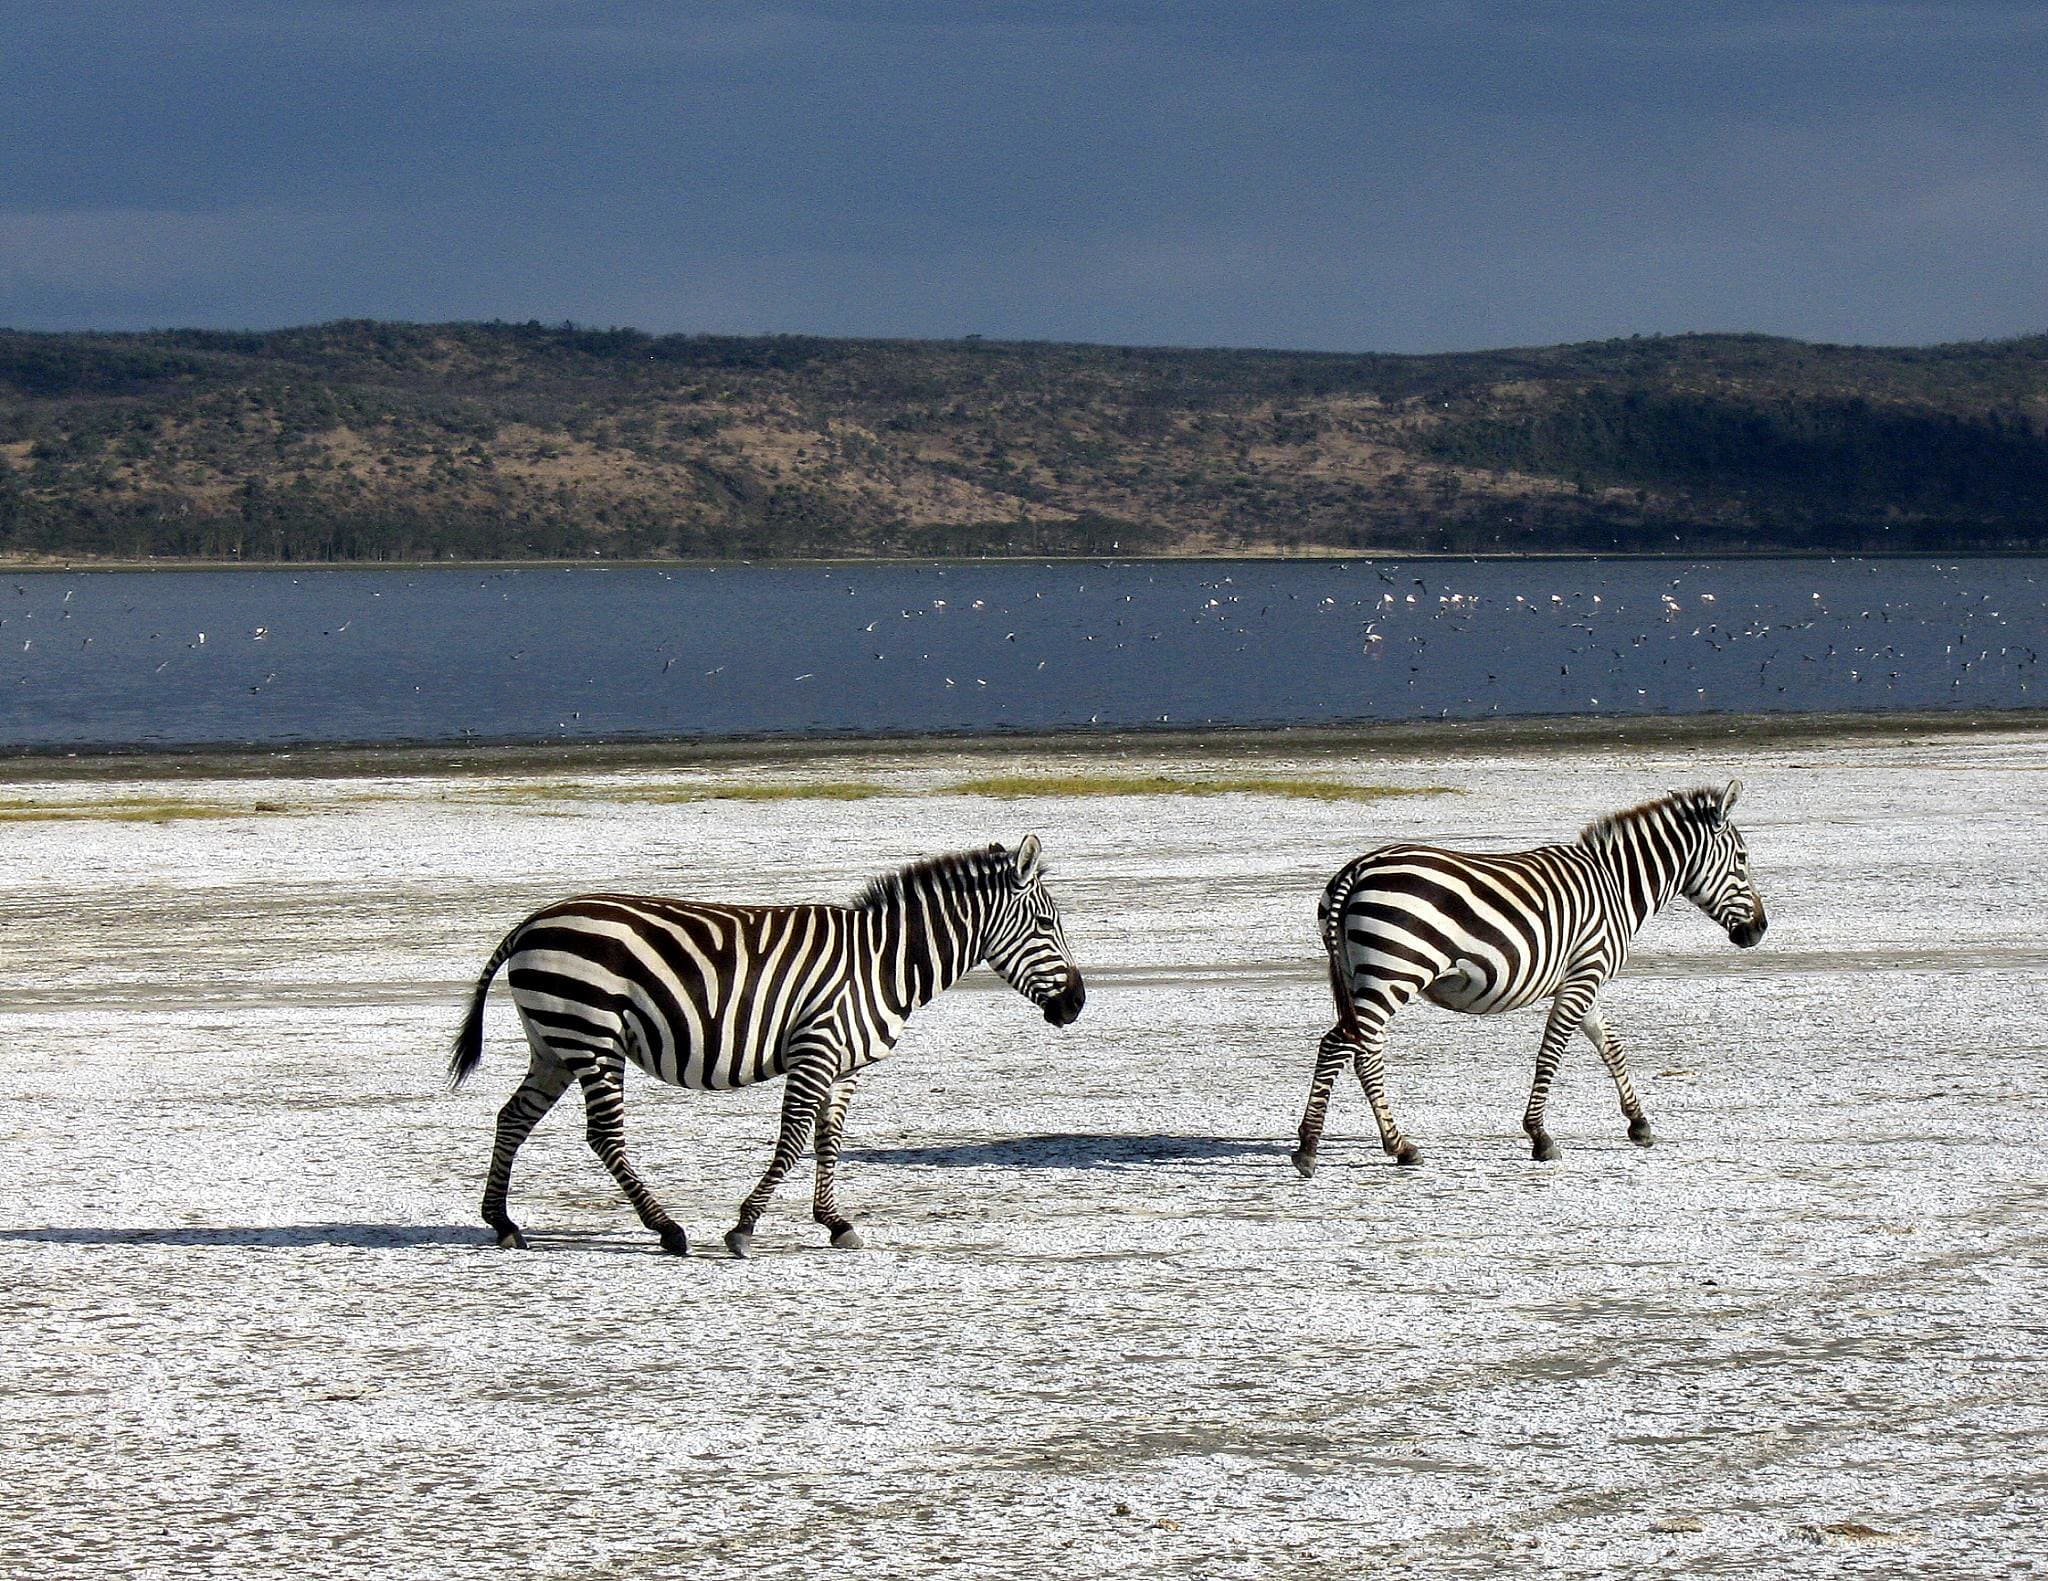 assicurazione viaggio per viaggiare in Kenya